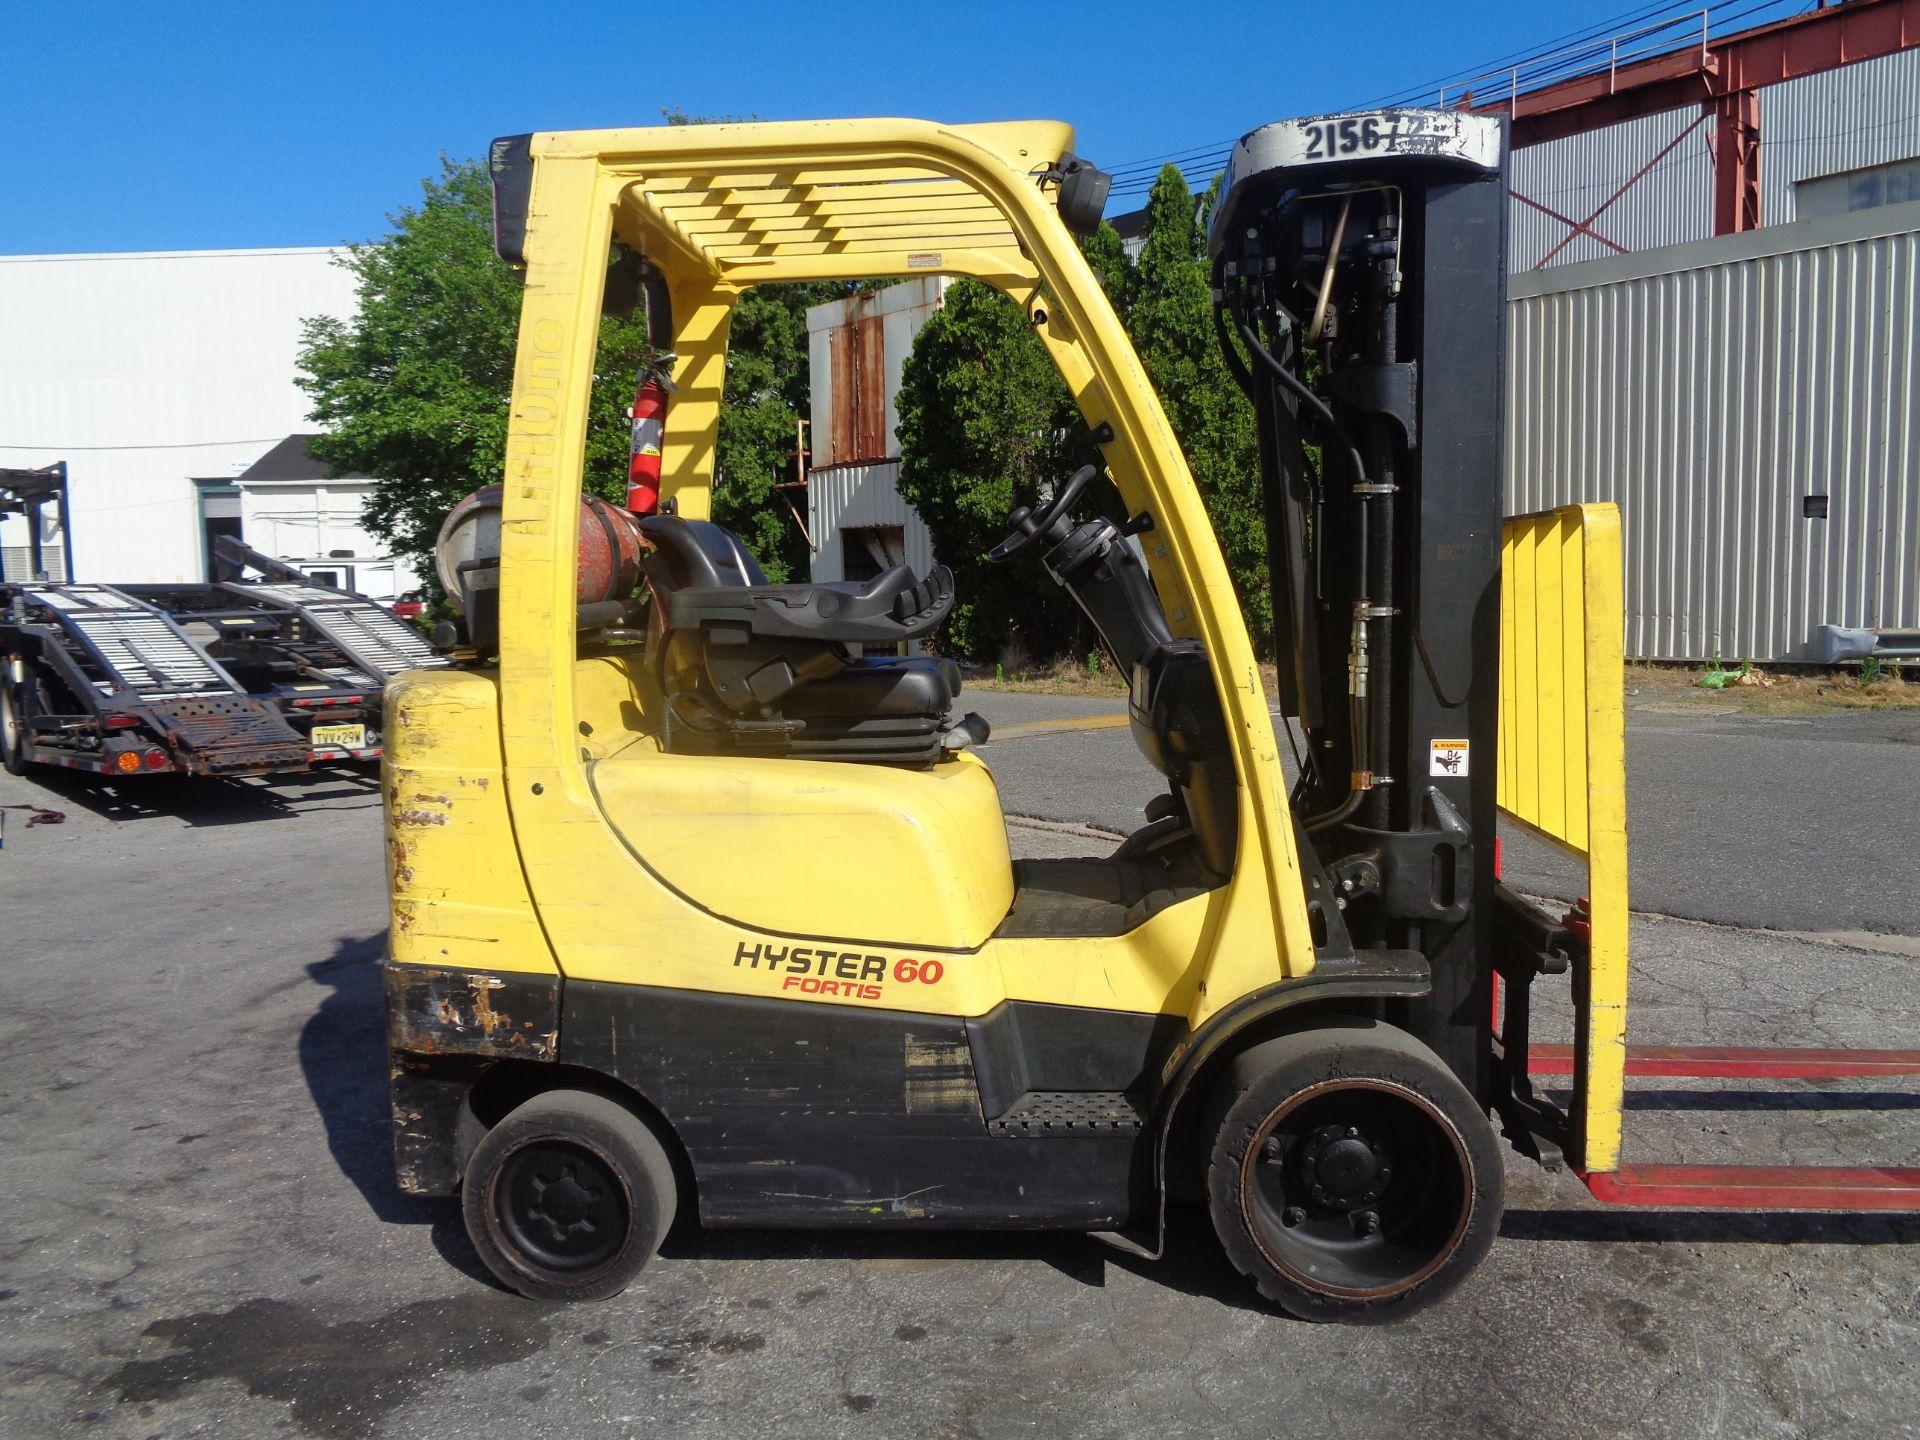 Lot 27 - 2012 Hyster S60FT 6,000lb Forklift - Quad Mast